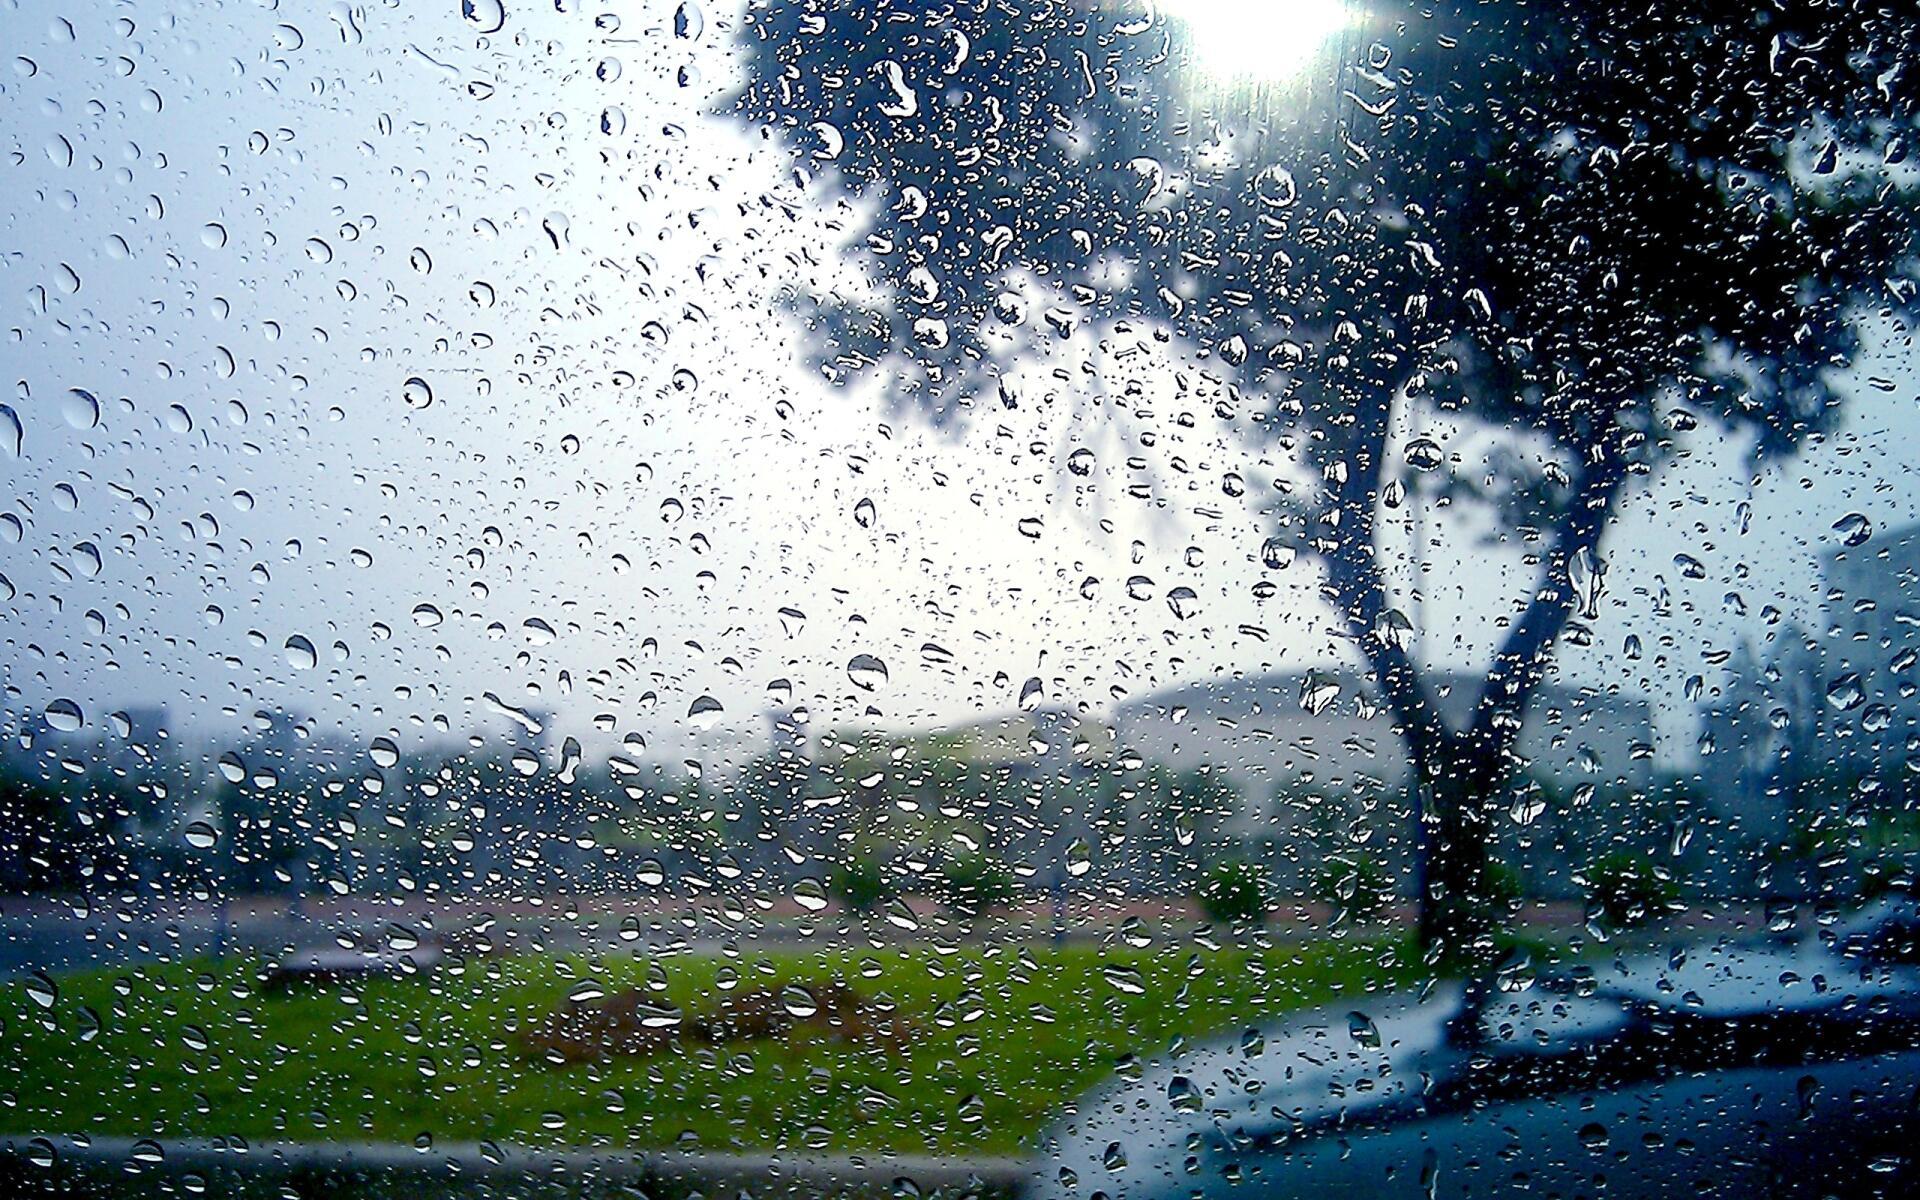 Aman dikkat! Yaz yağmurlarına yakalanmayın! 5 Temmuz 2021 Pazartesi il il, haritalı hava durumu